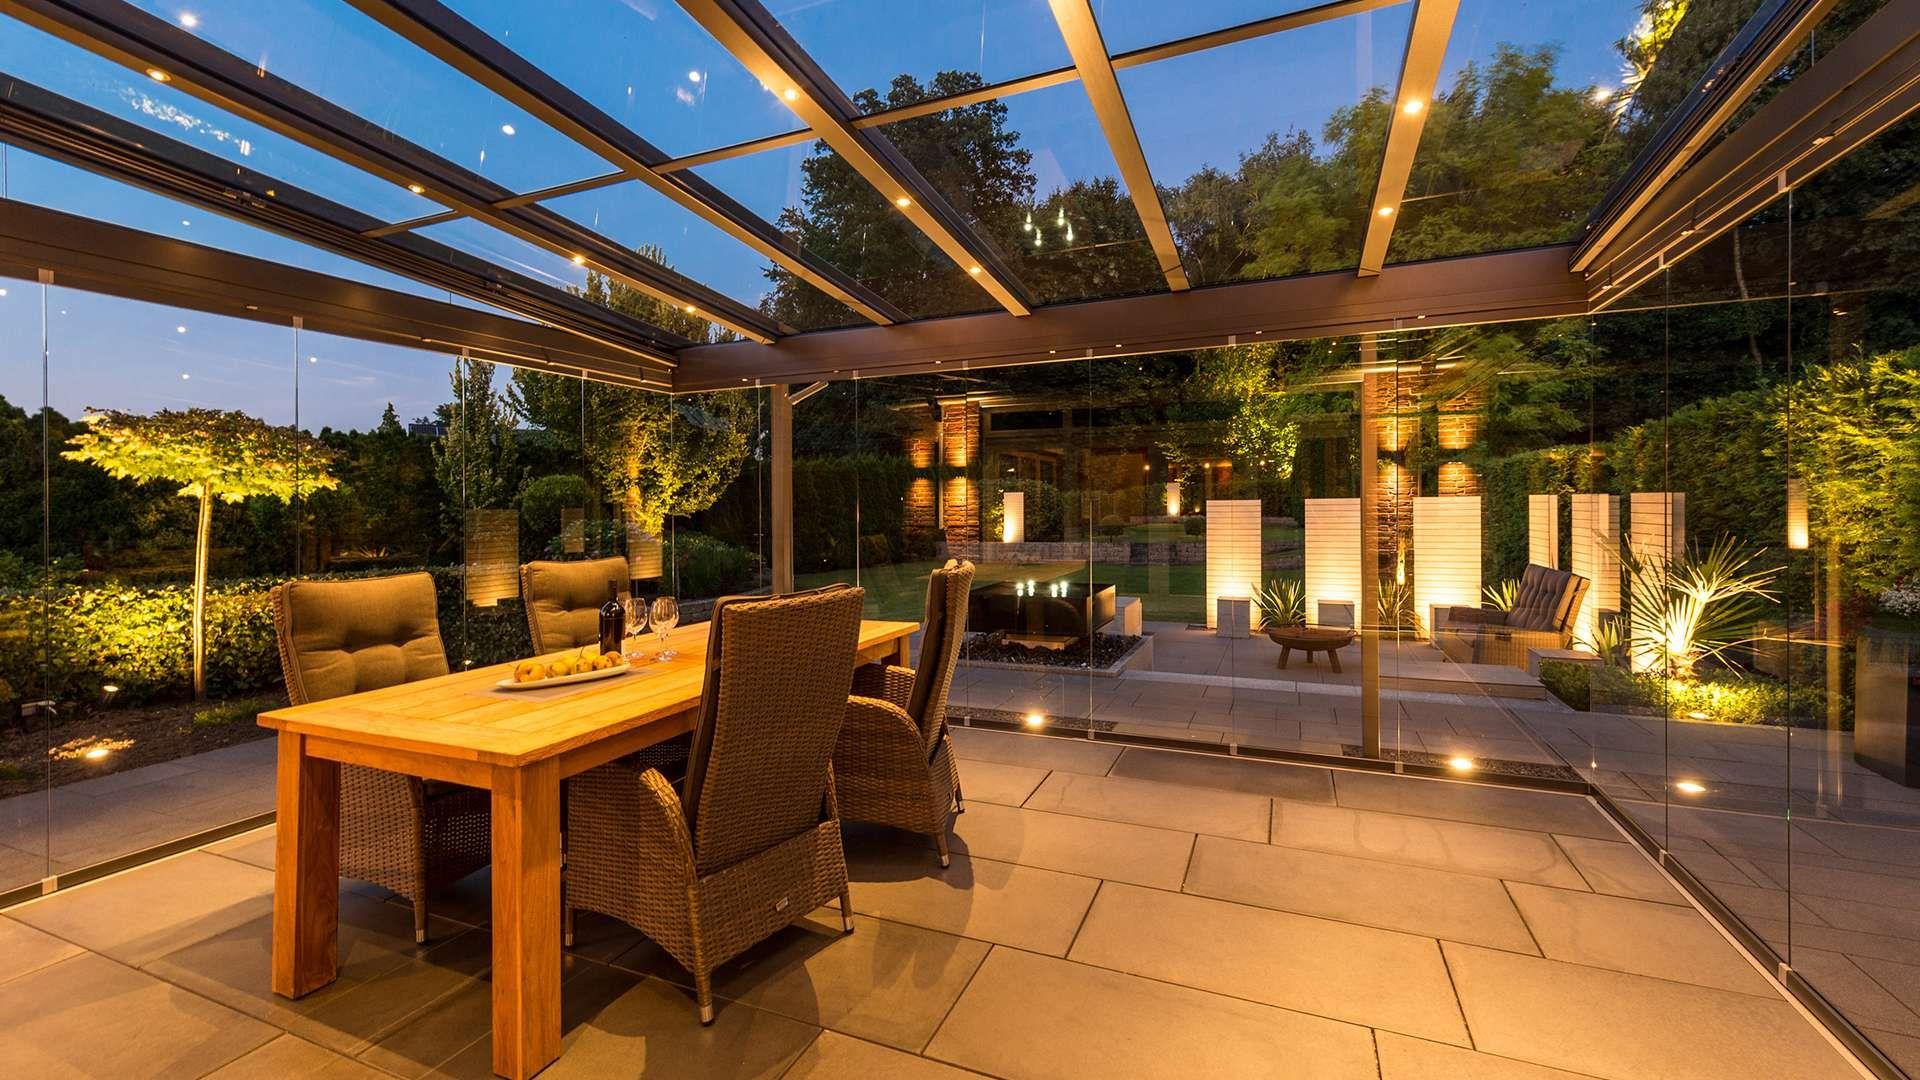 Innenansicht eines Glashauses mit Beleuchtung bei Dämmerung